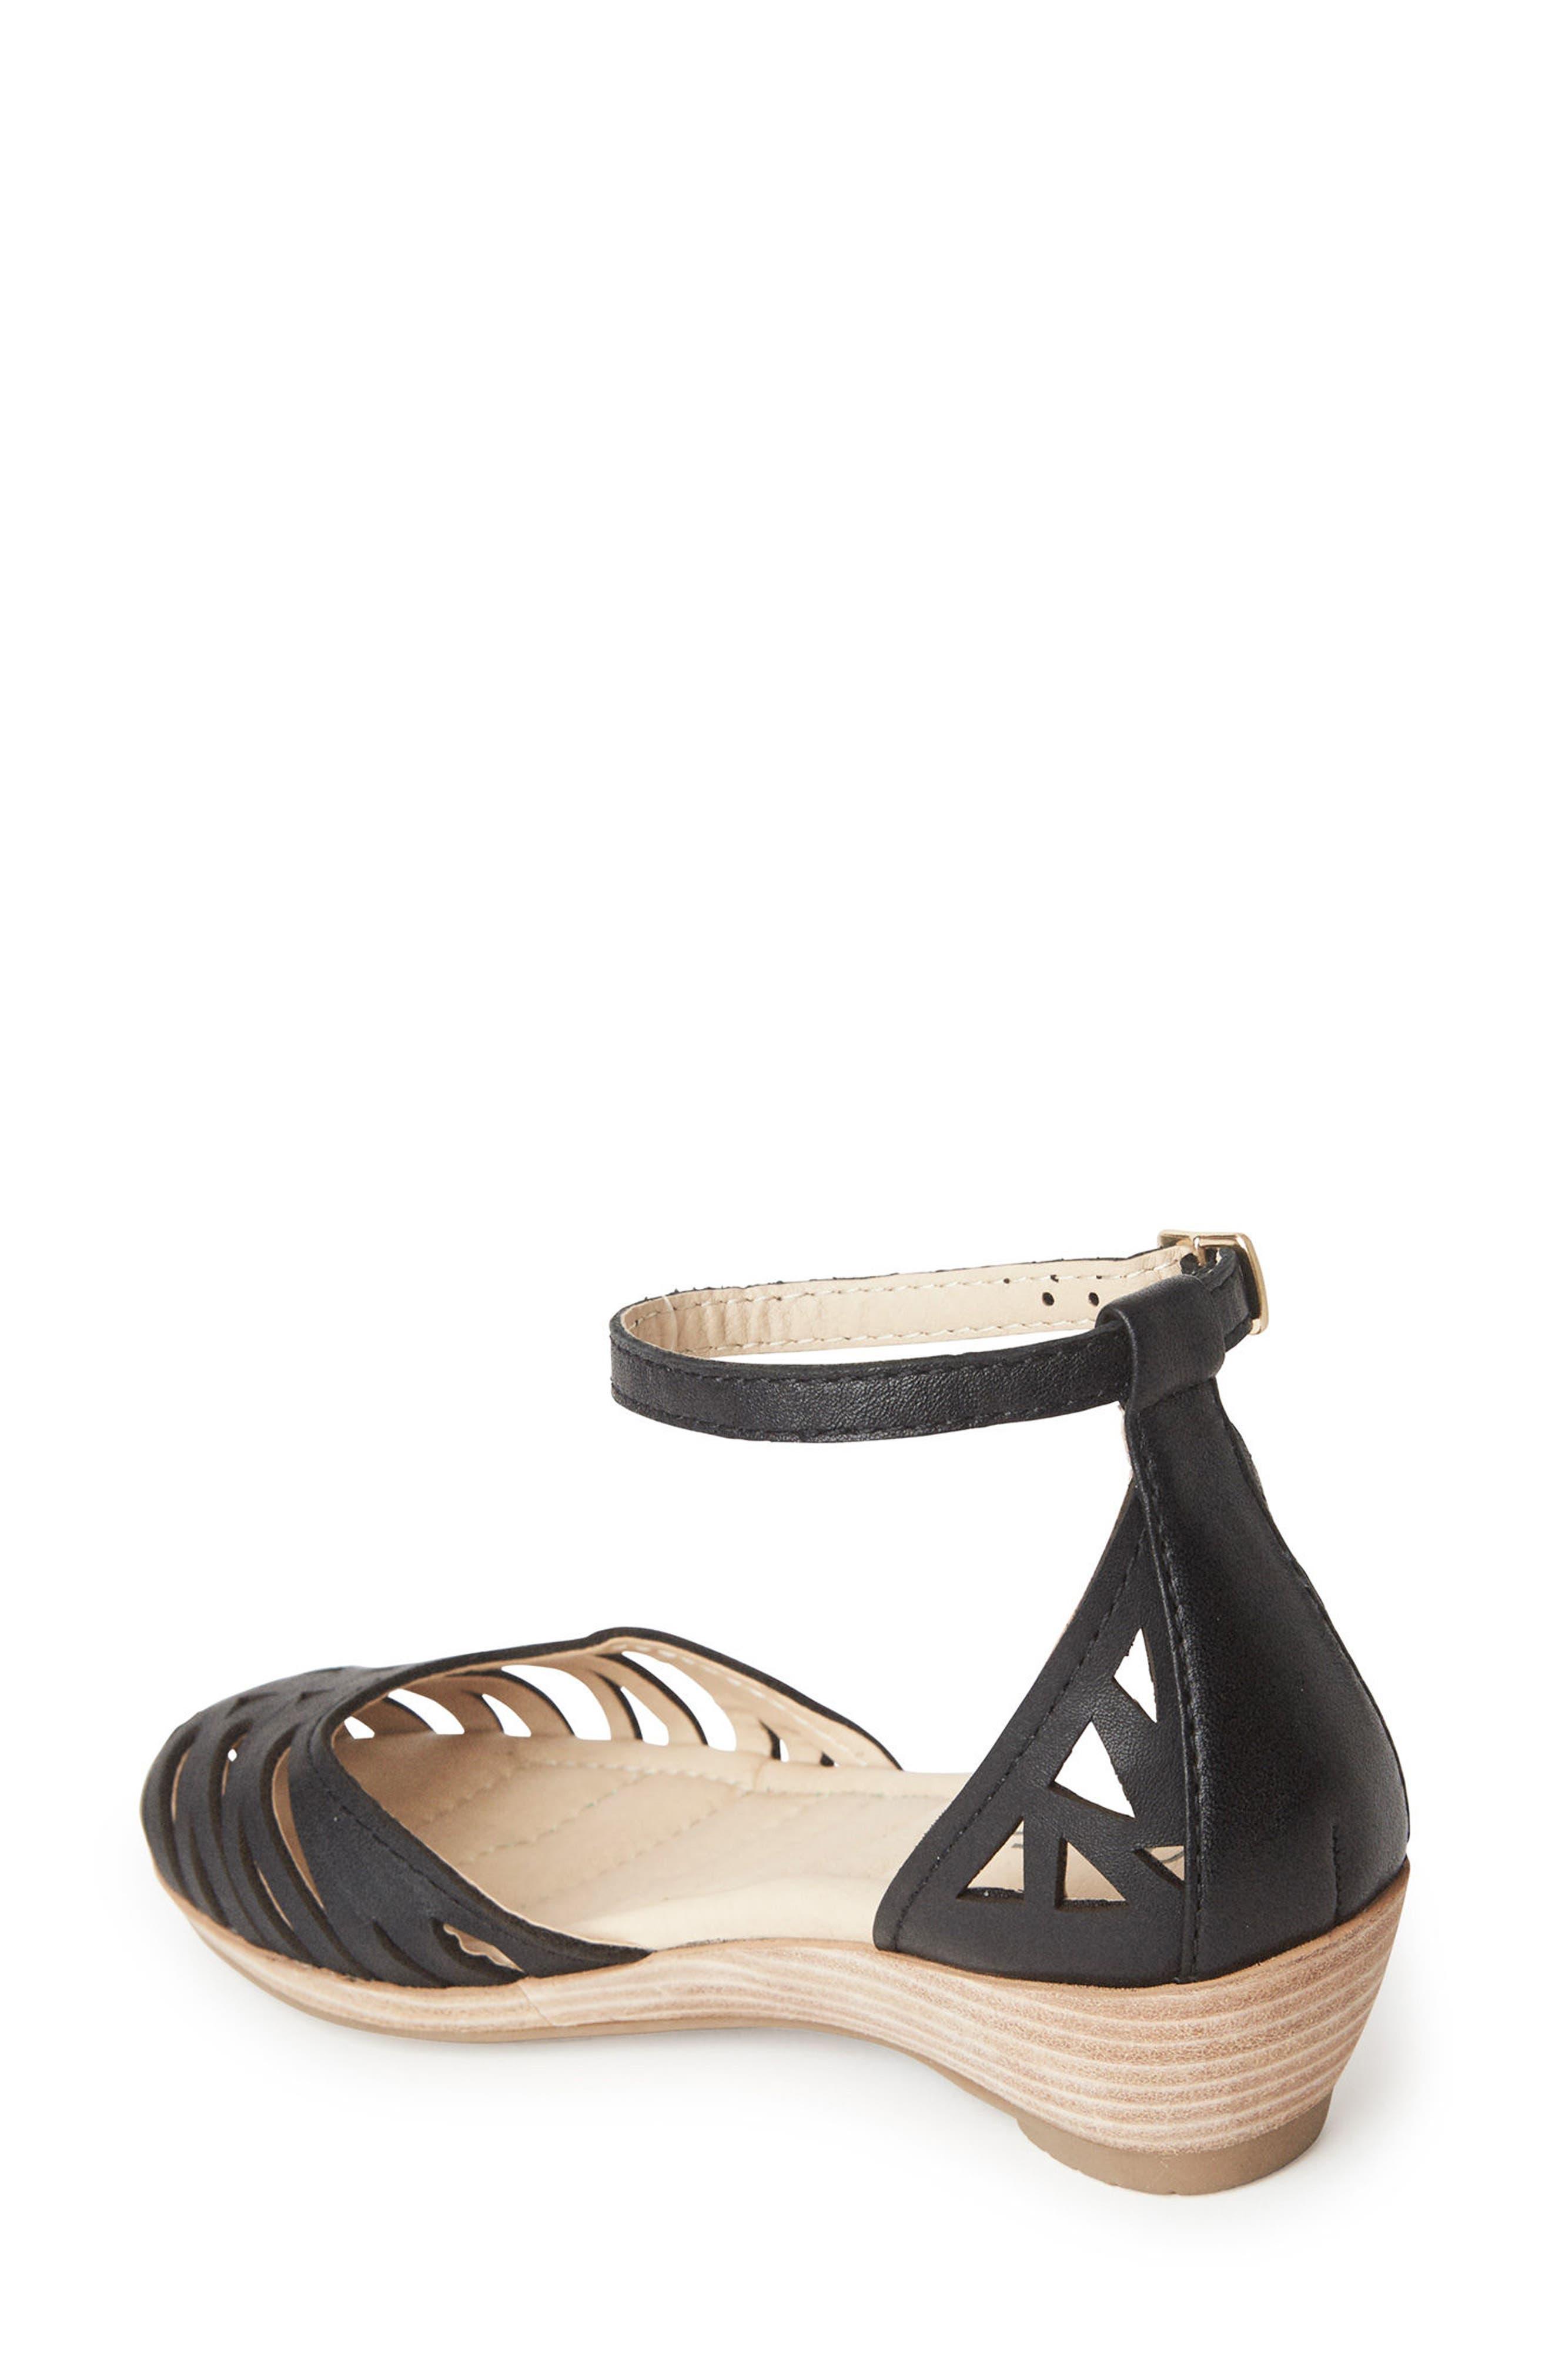 Nalani Ankle Strap Sandal,                             Alternate thumbnail 2, color,                             010